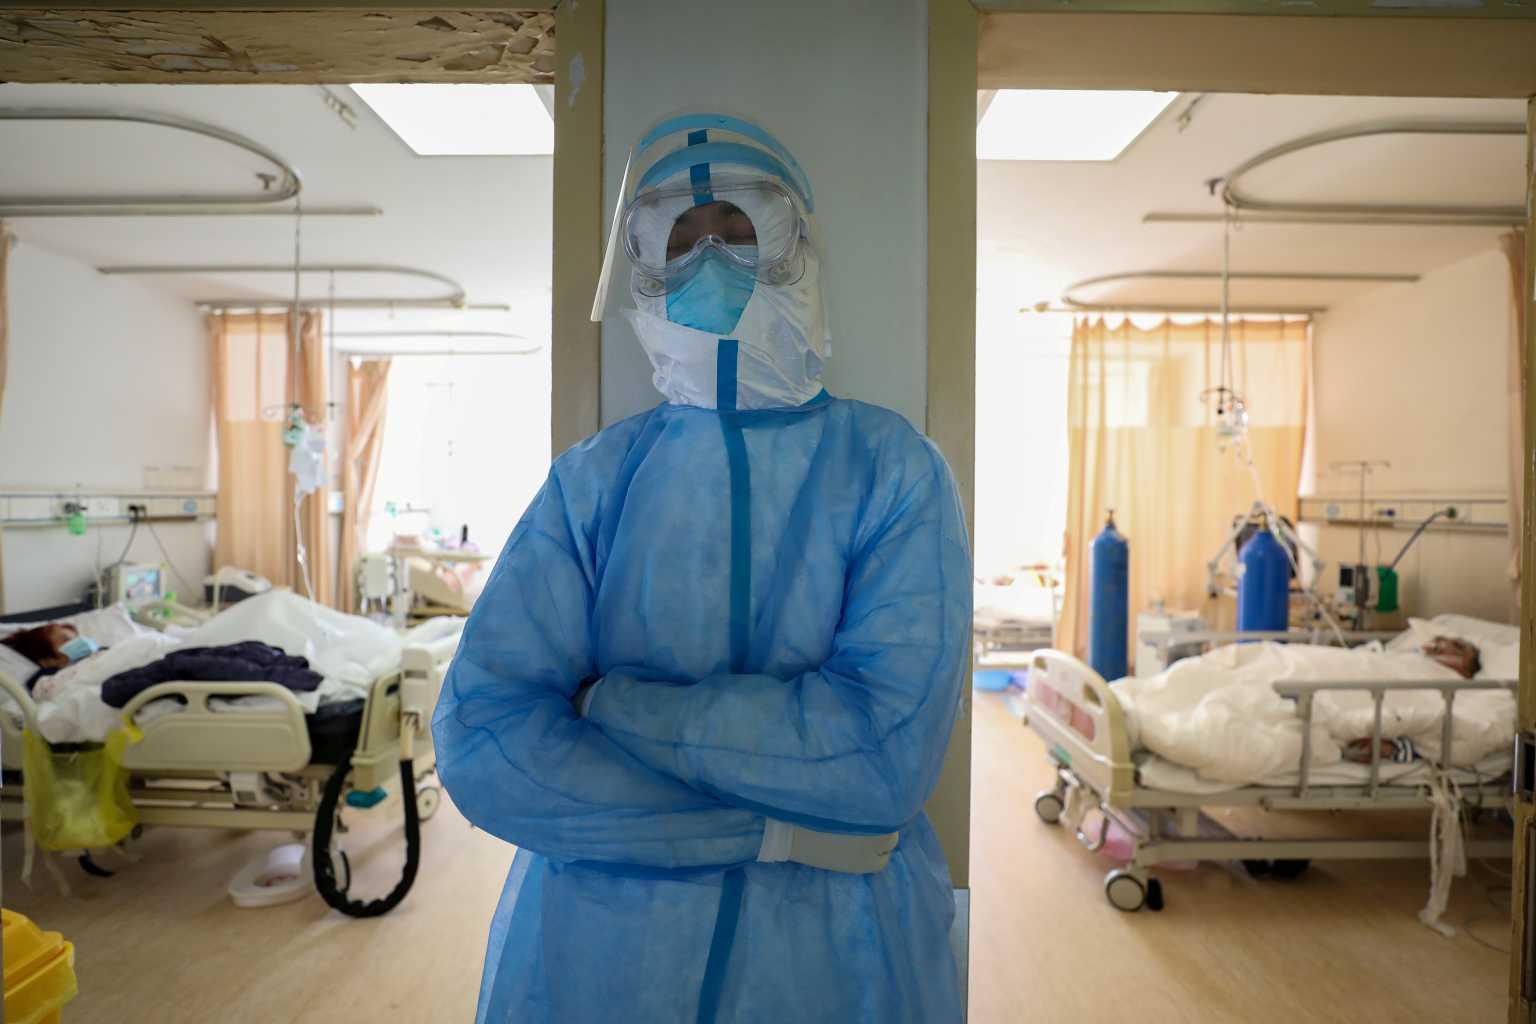 Γουχάν: Ήξεραν από το 2019 για τον κορονοϊό αλλά πίεζαν τους γιατρούς να λένε ψέμματα